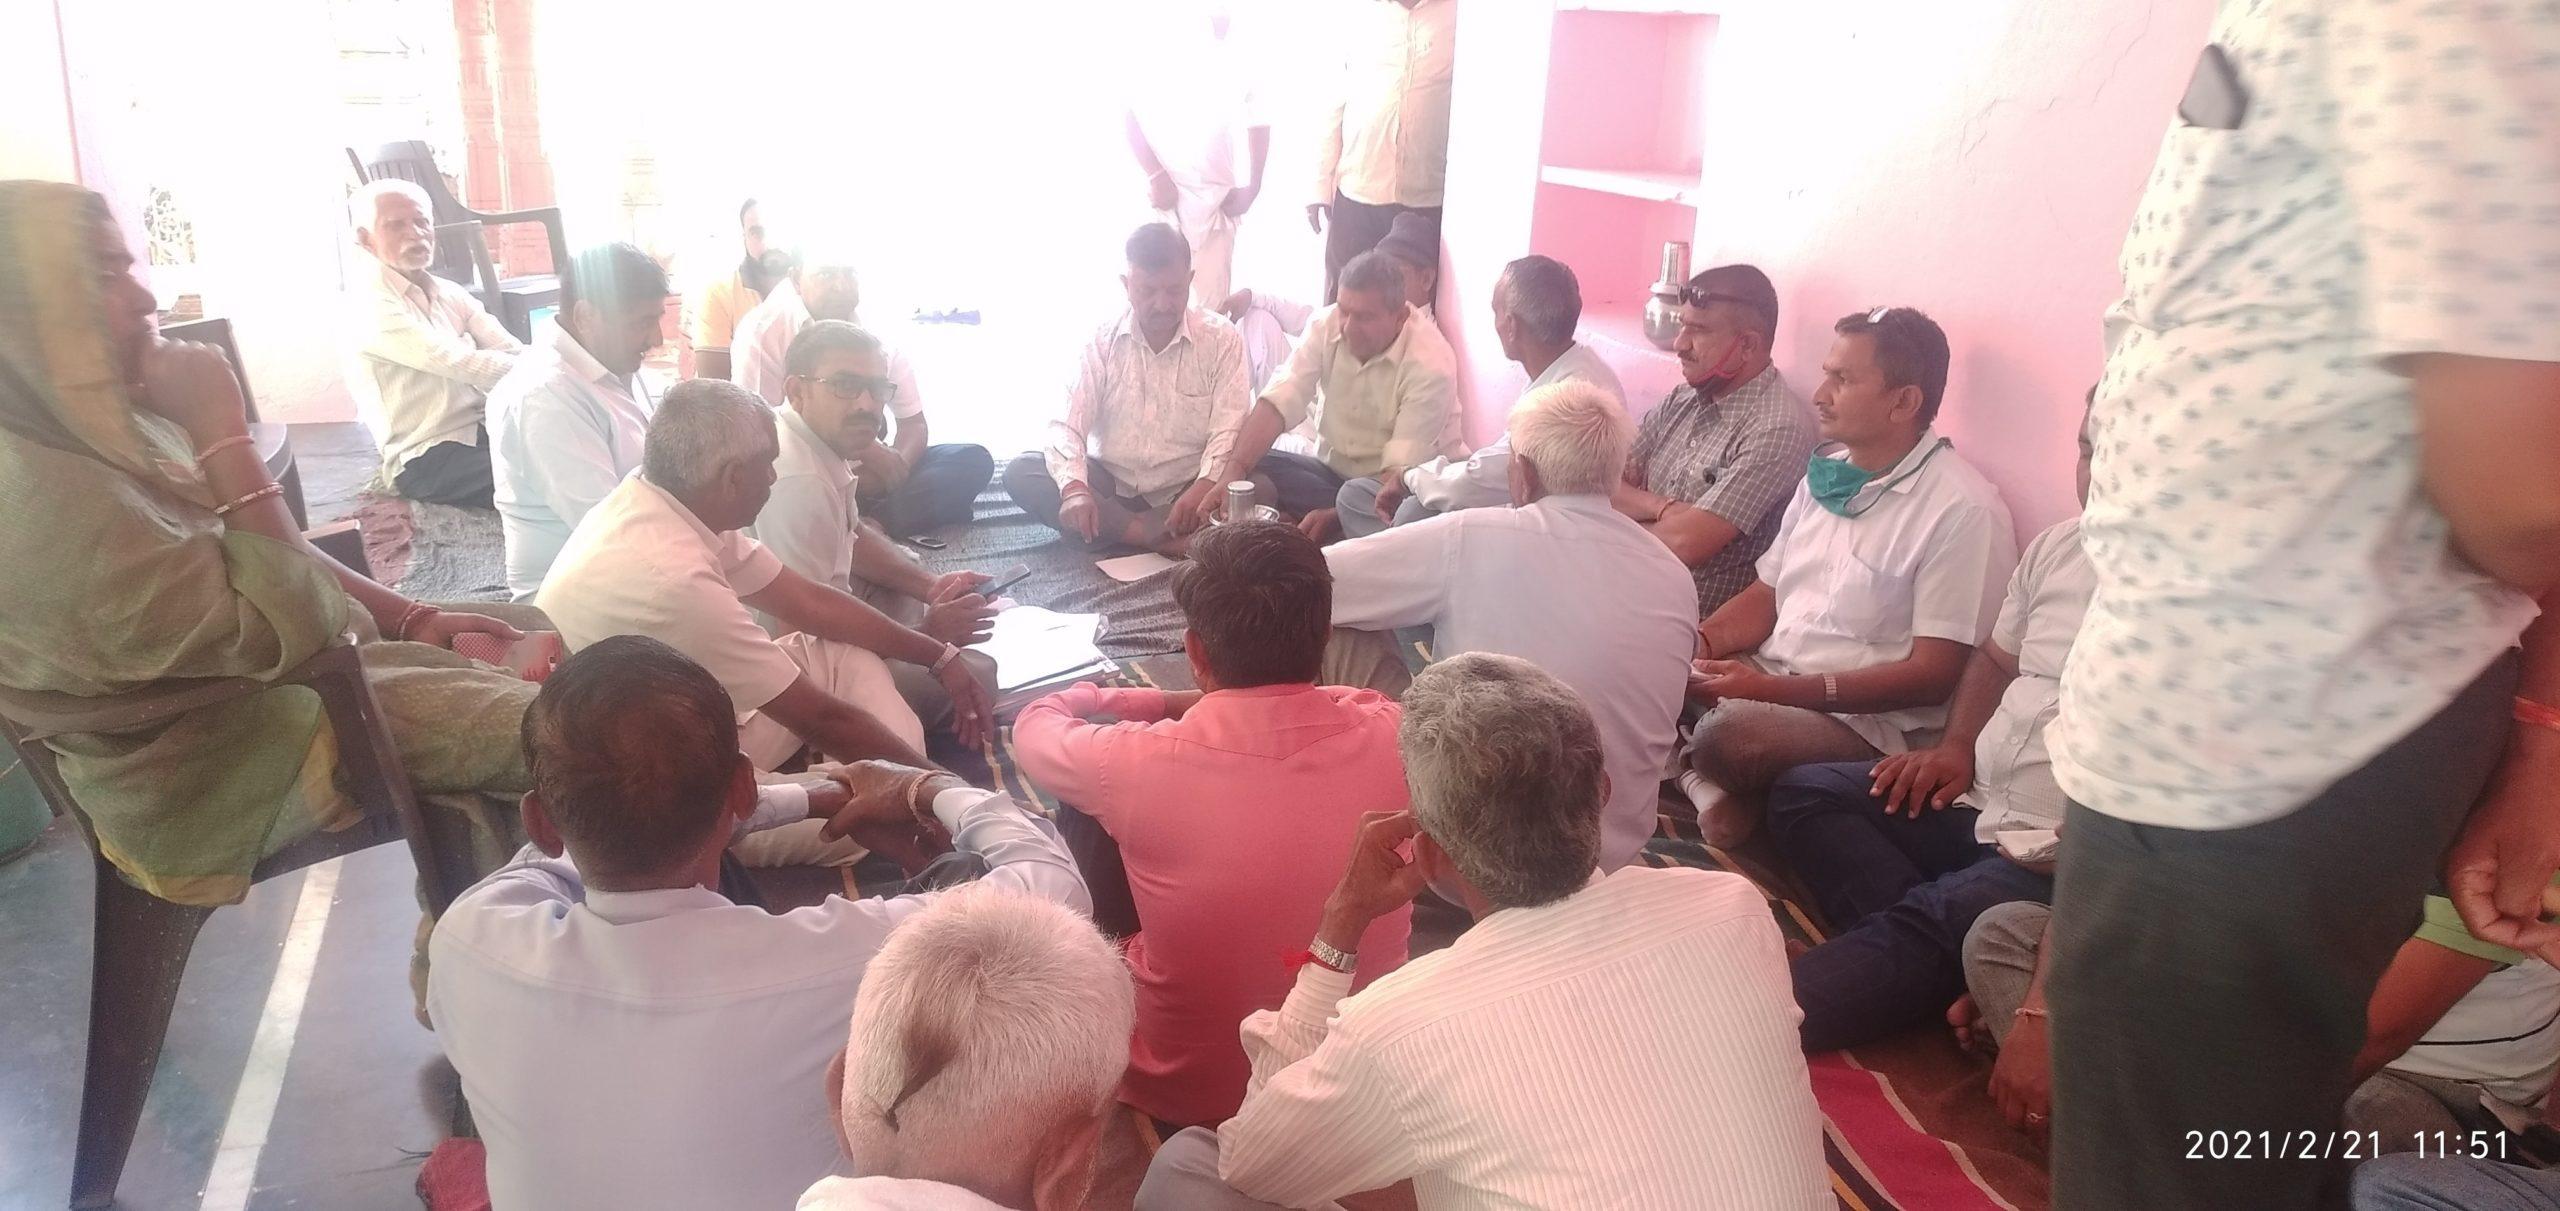 नीलकंठ शिव मंदिर के प्रथम पाटो उत्सव की पूर्व तैयारी पाल पर हुई बैठक